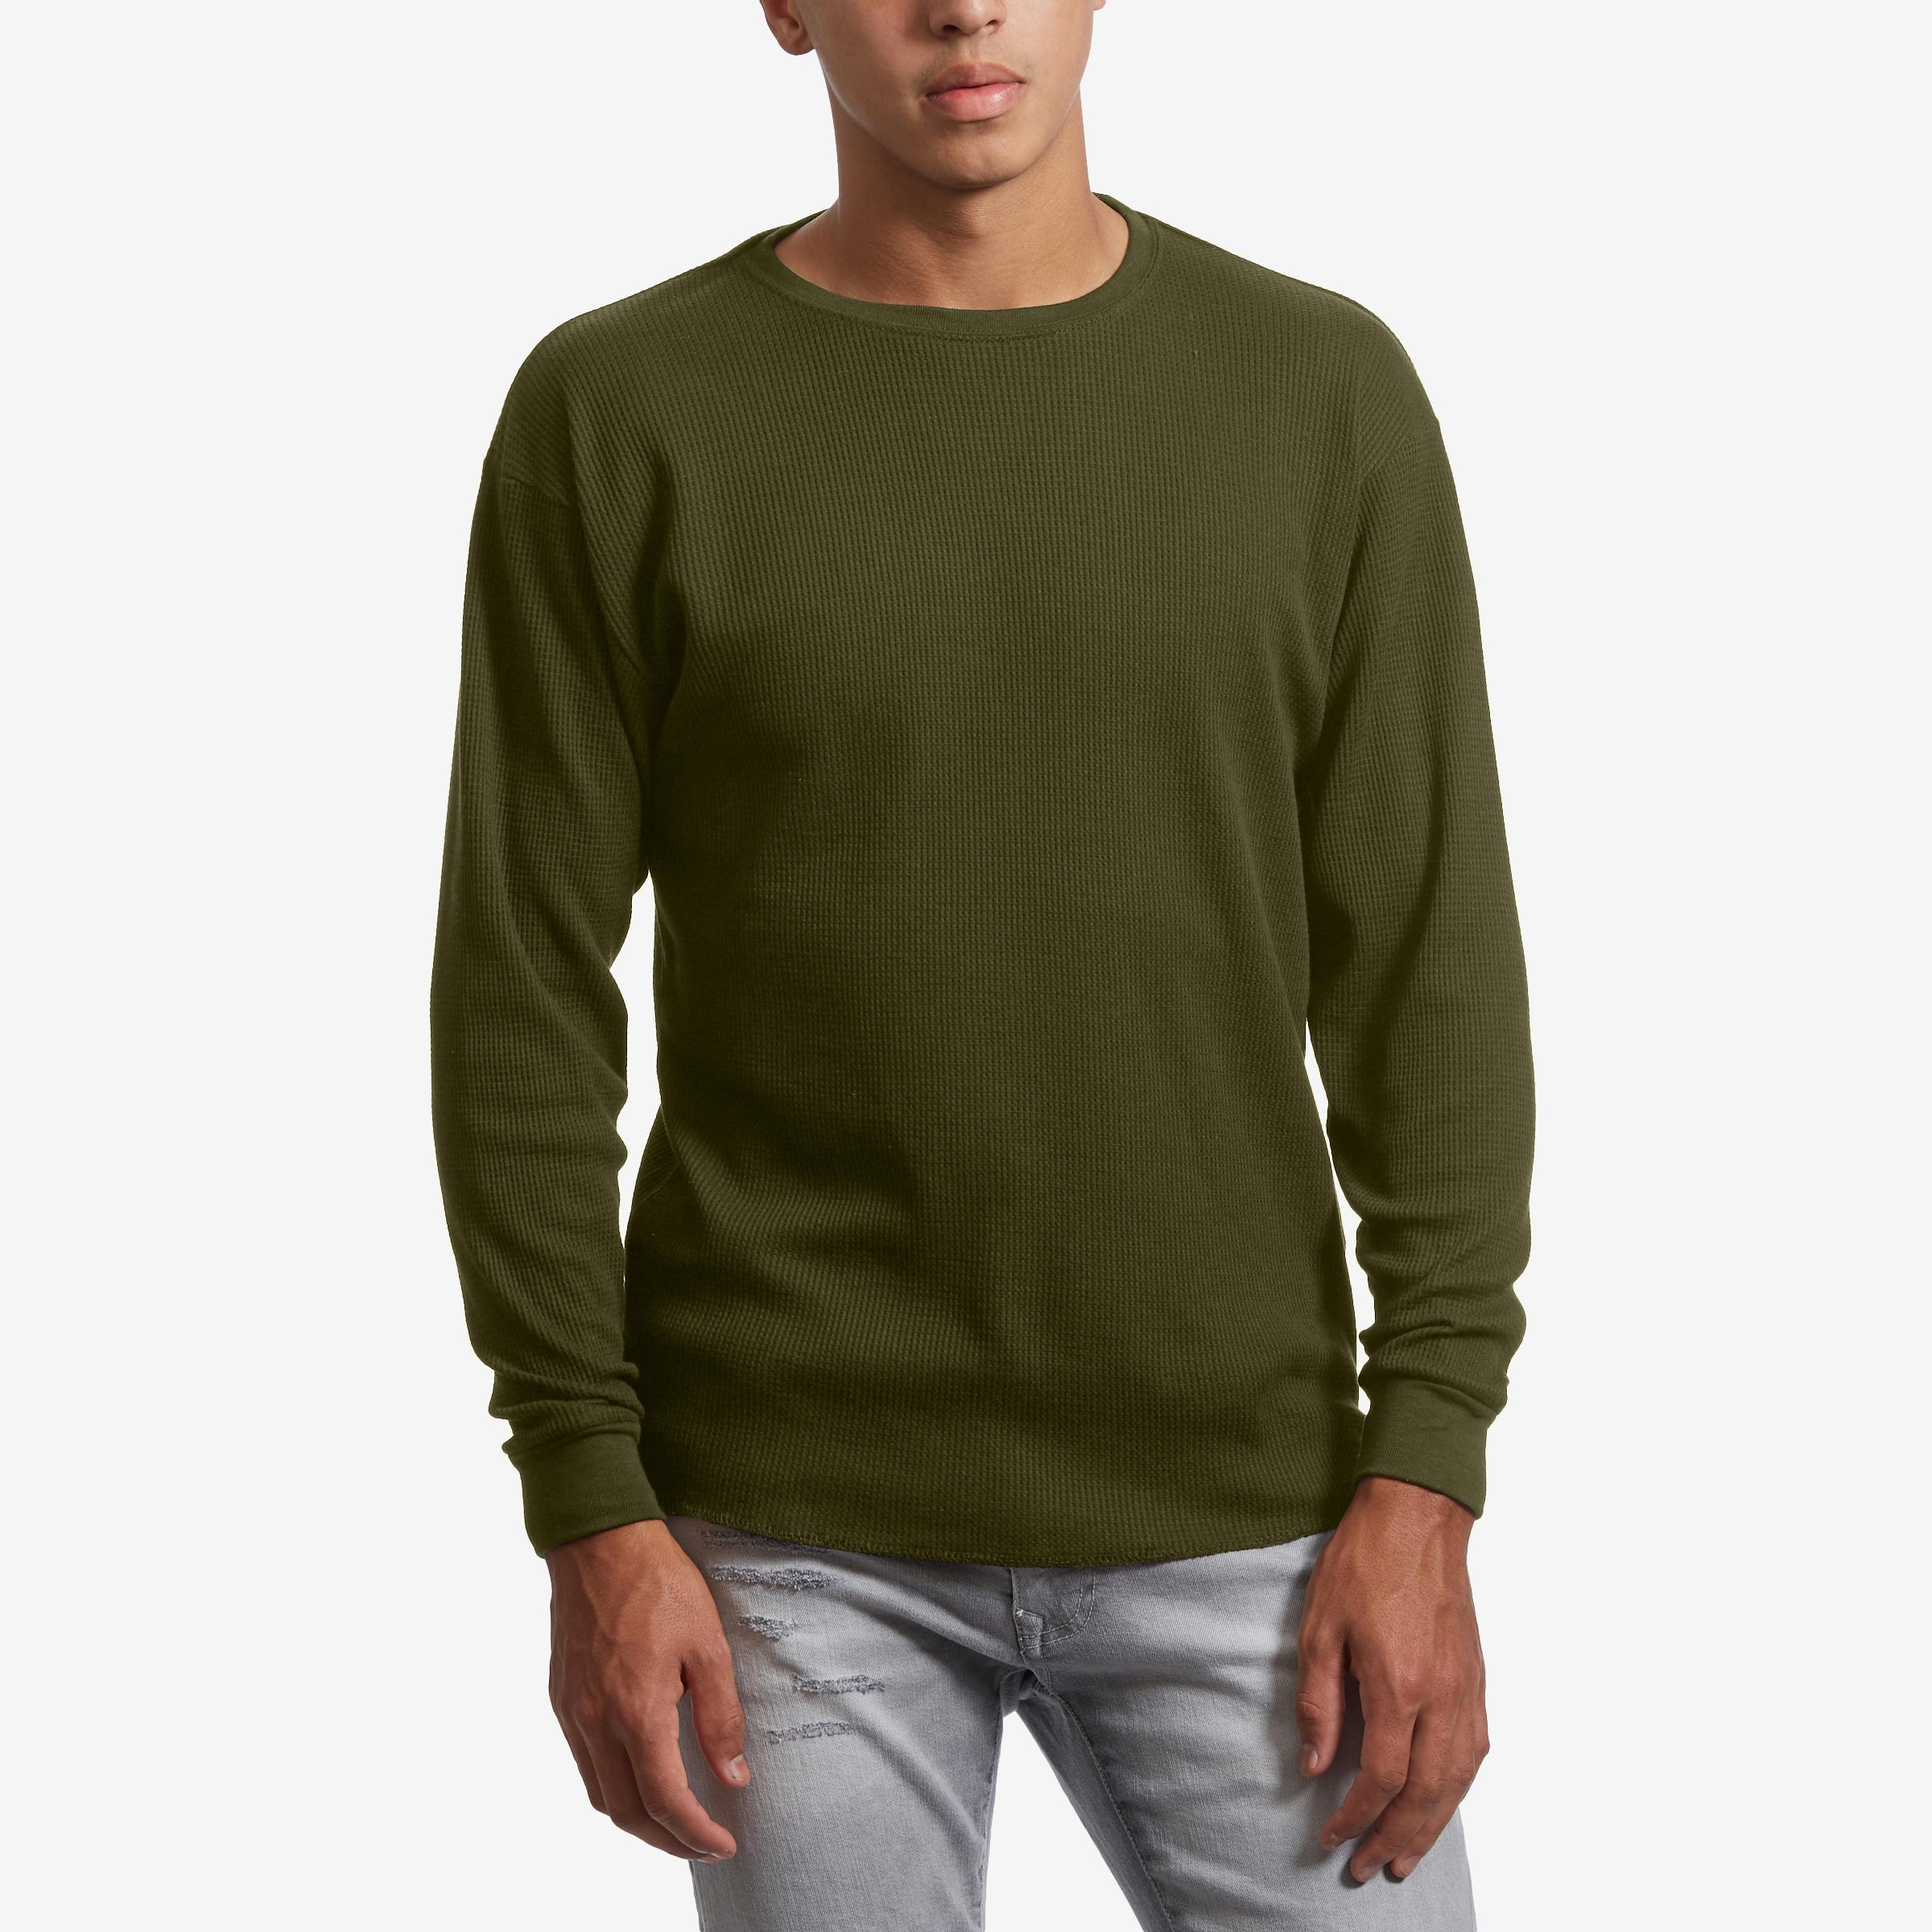 Waffle Knit Thermal Shirt